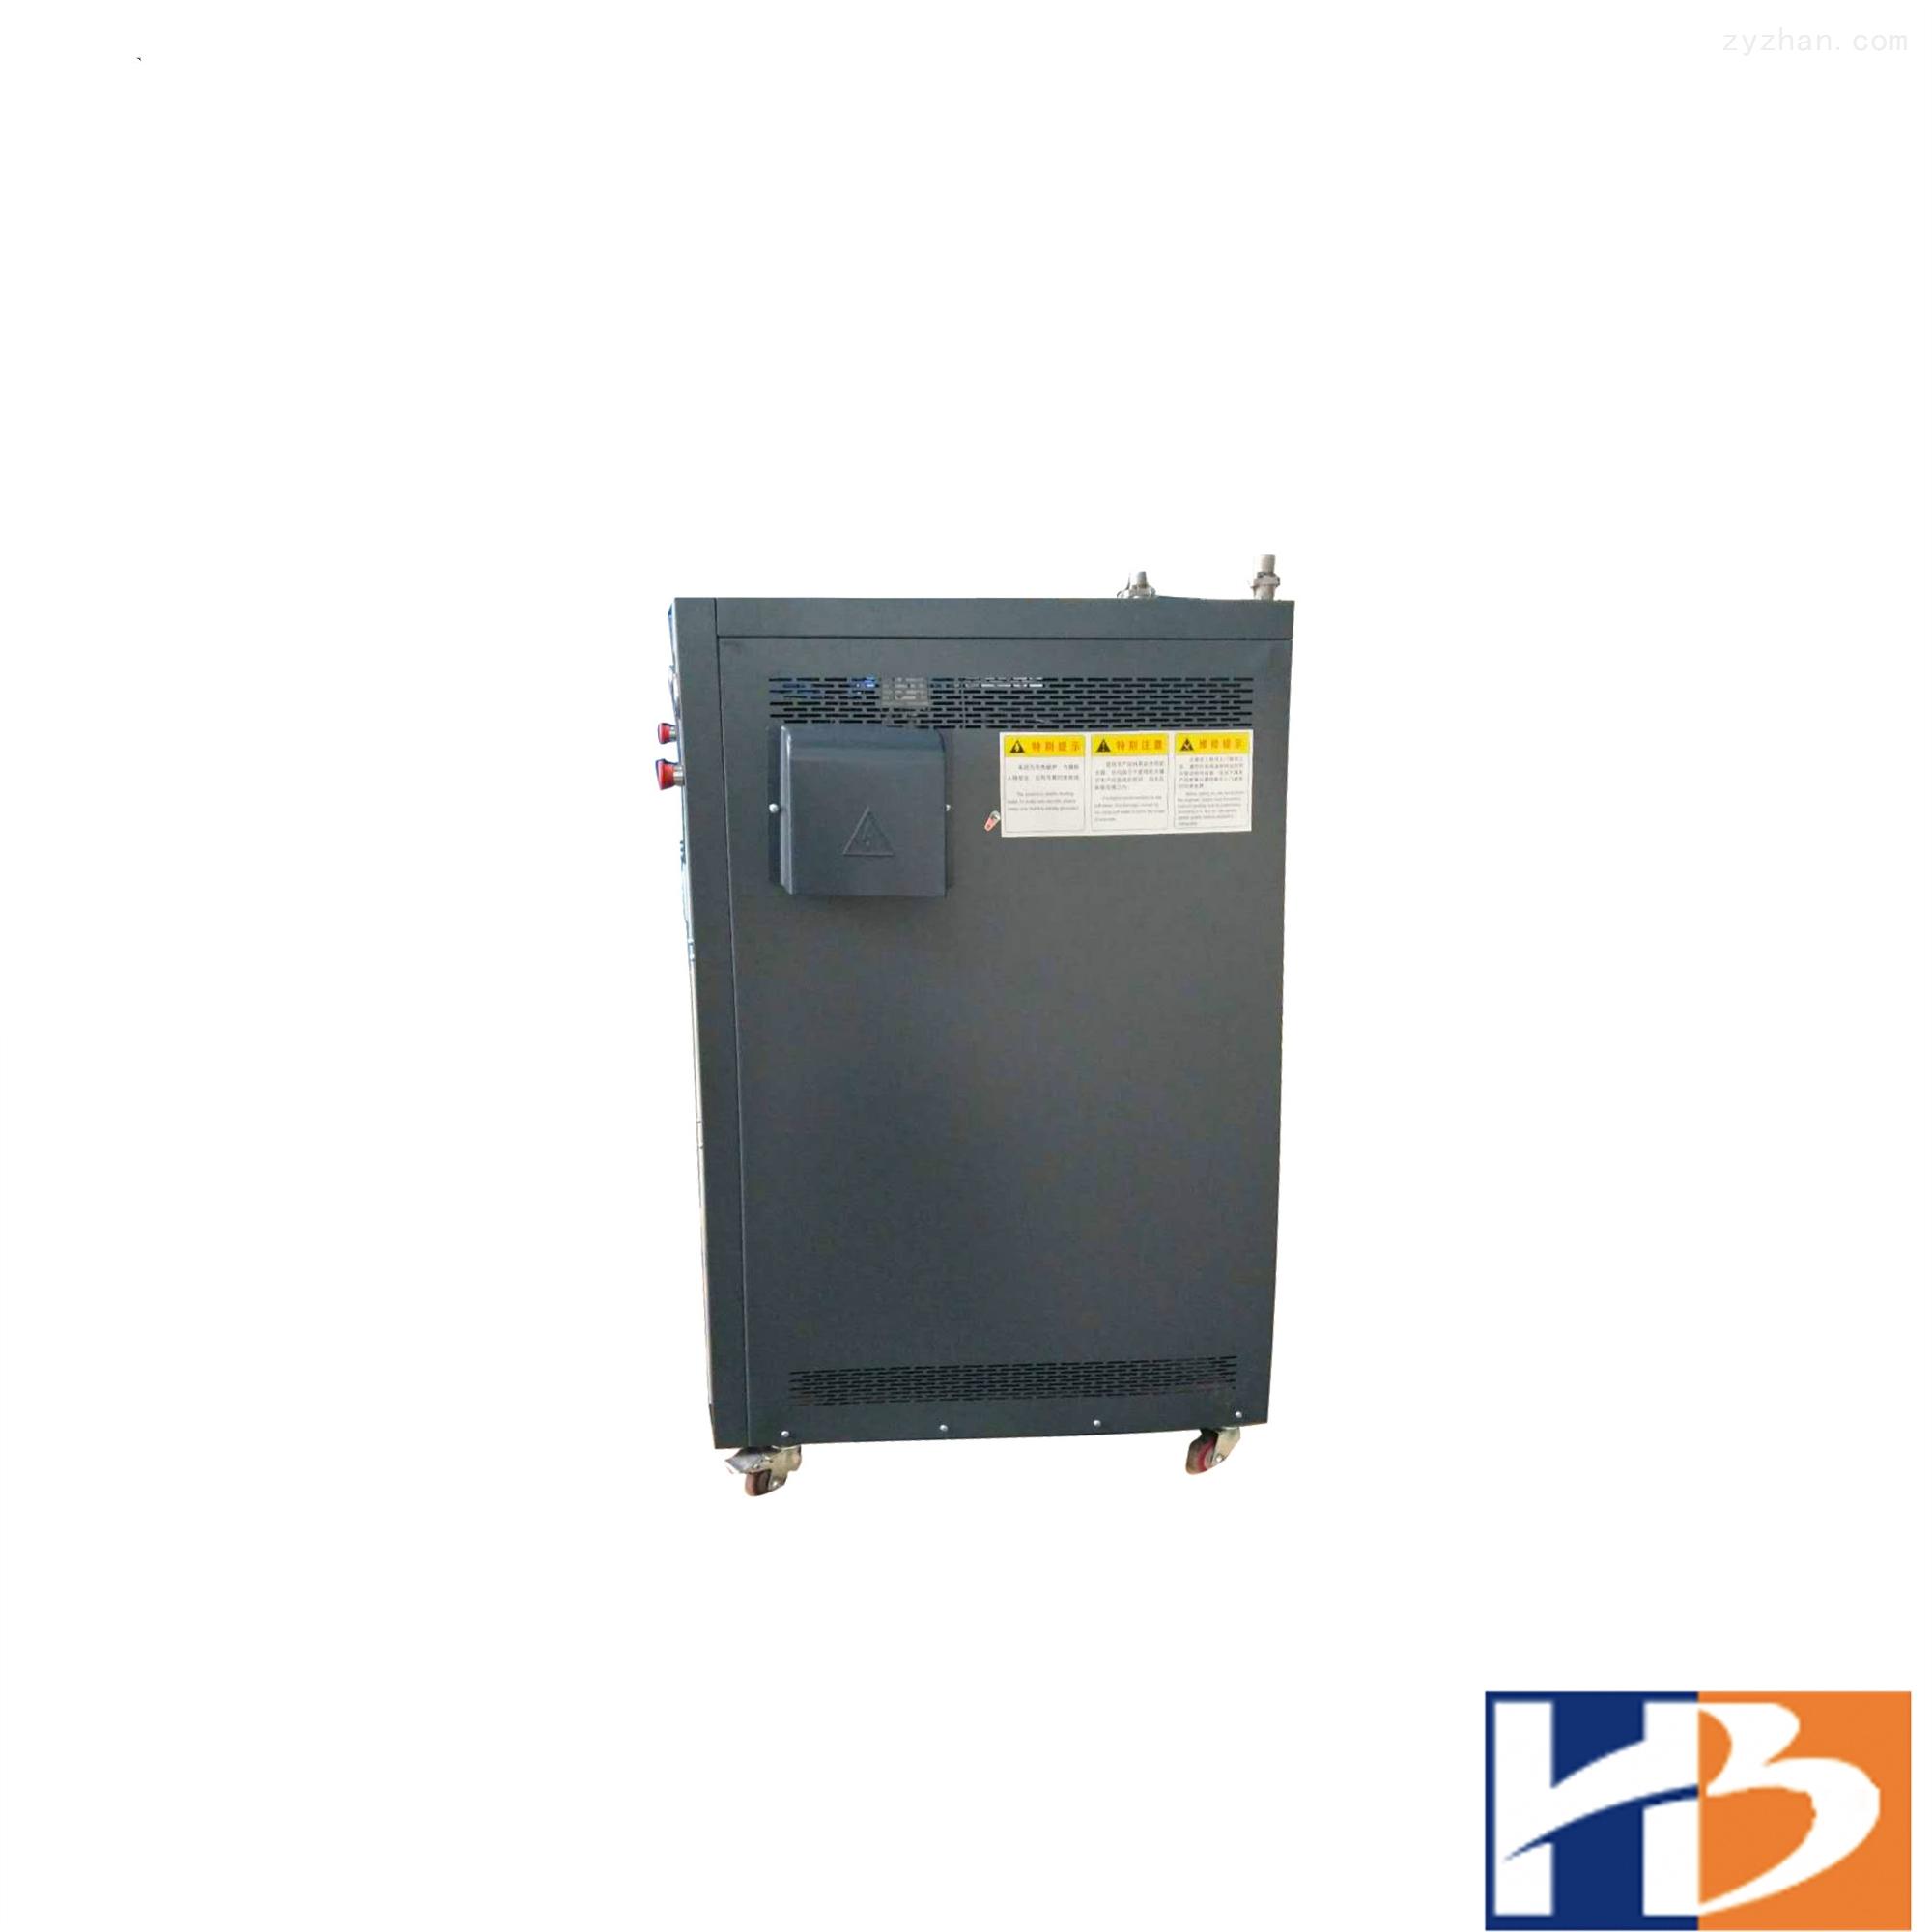 供应电锅炉、蒸汽发生器、蒸汽锅炉 HX-180D-0.7